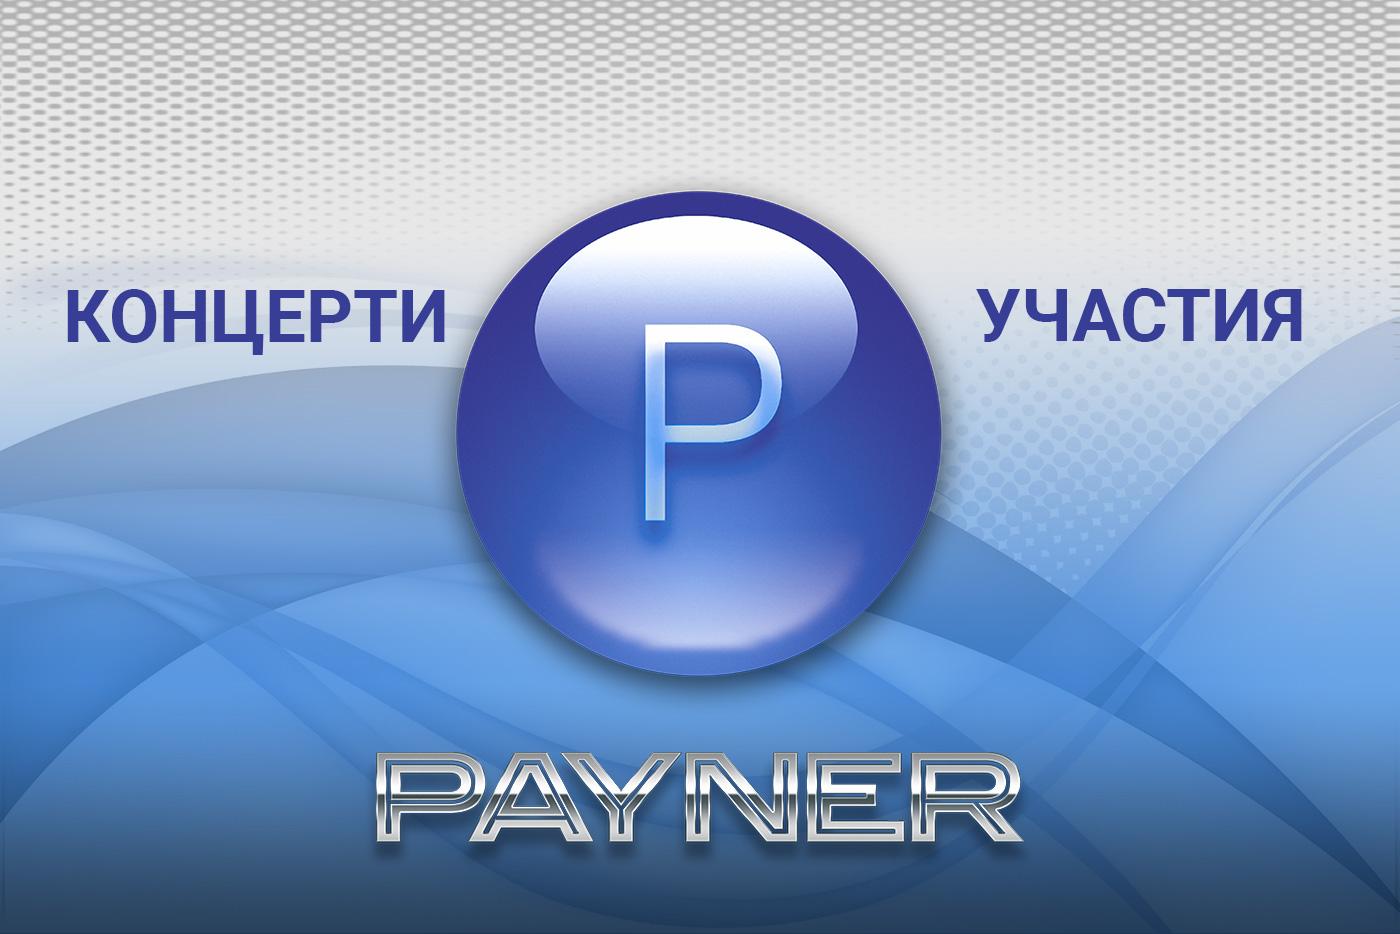 """Участия на звездите на """"Пайнер"""" на 03.12.2018"""